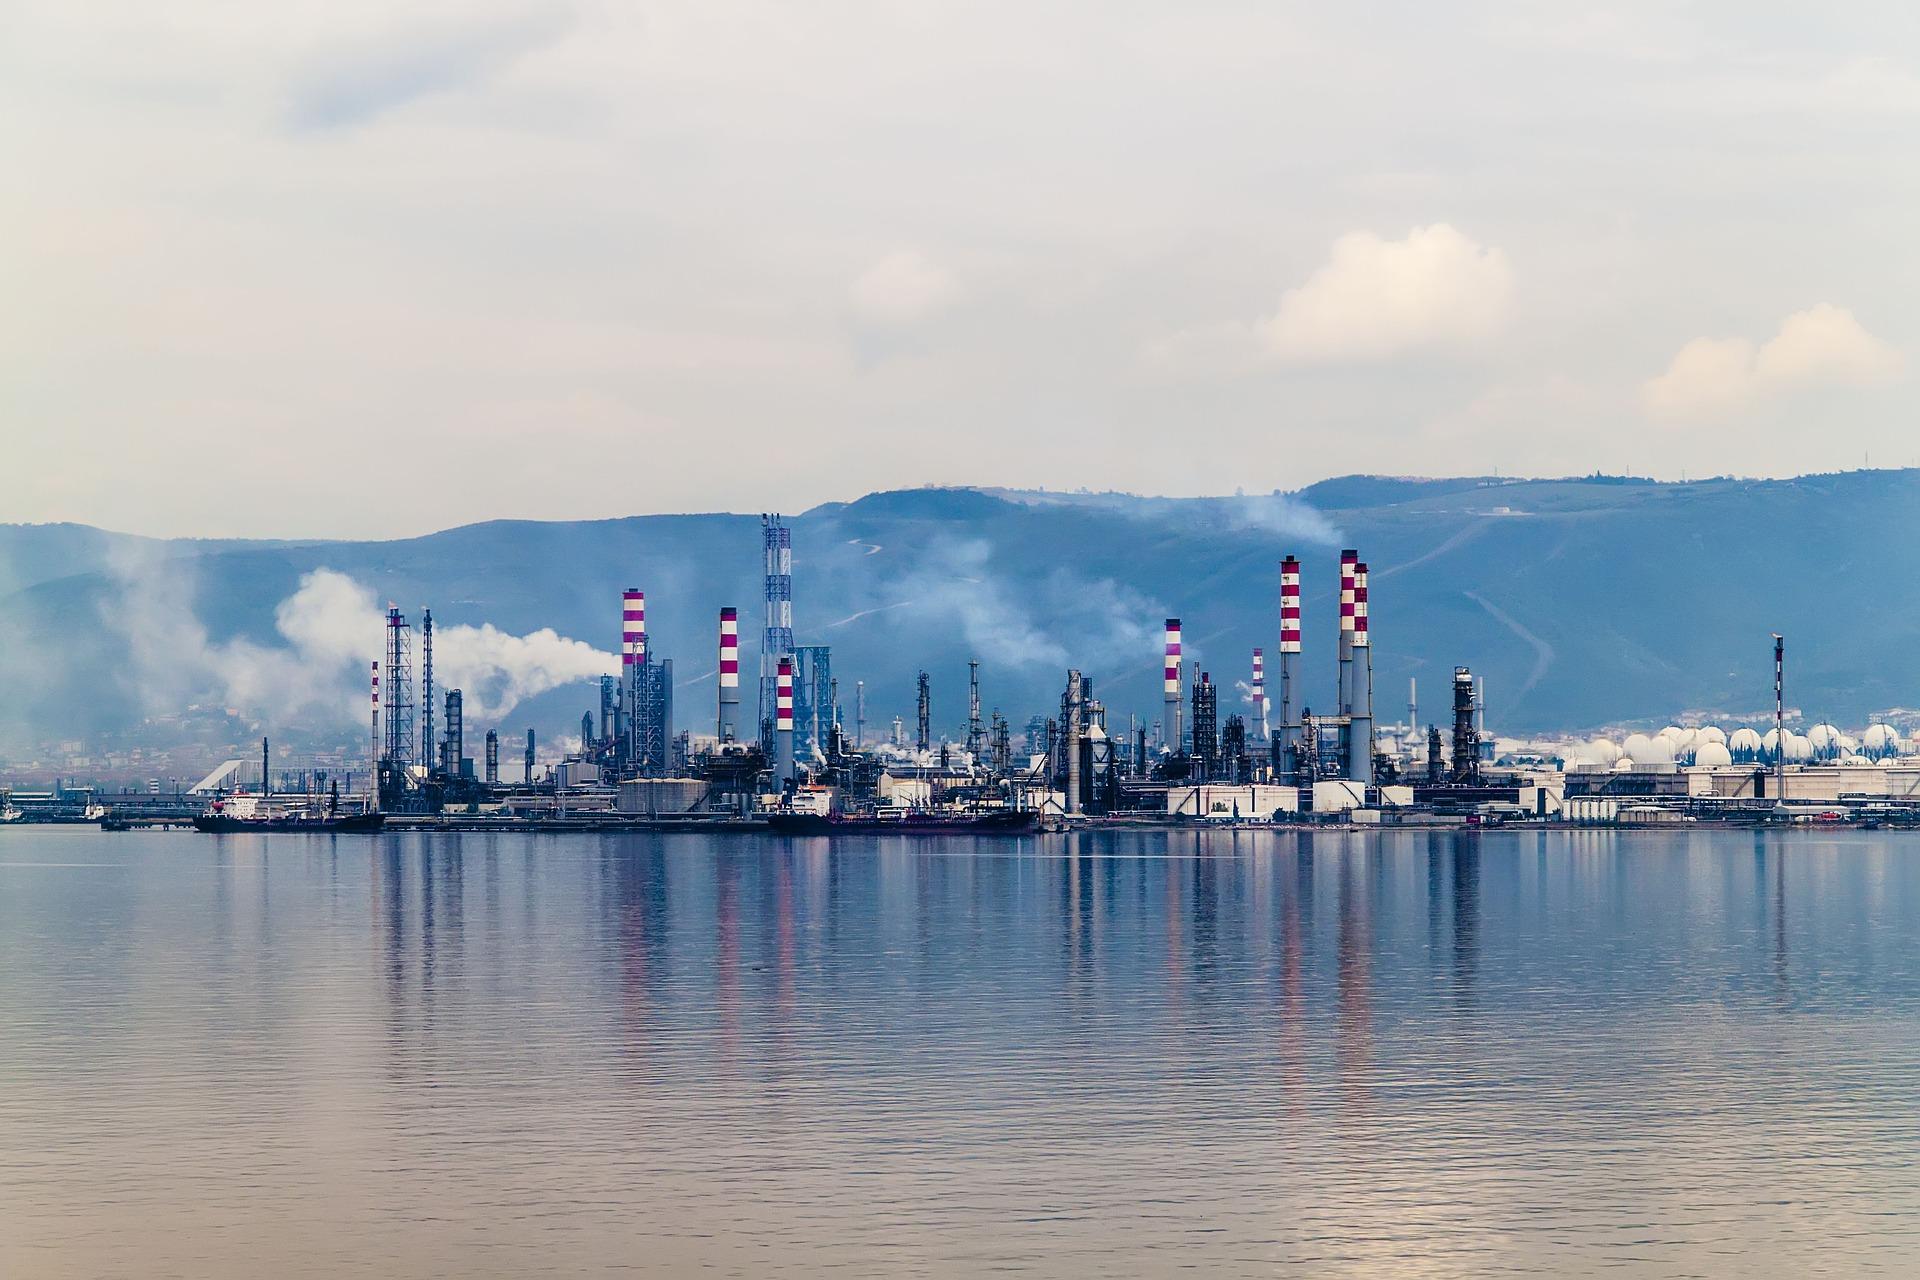 Total Mozambique LNG